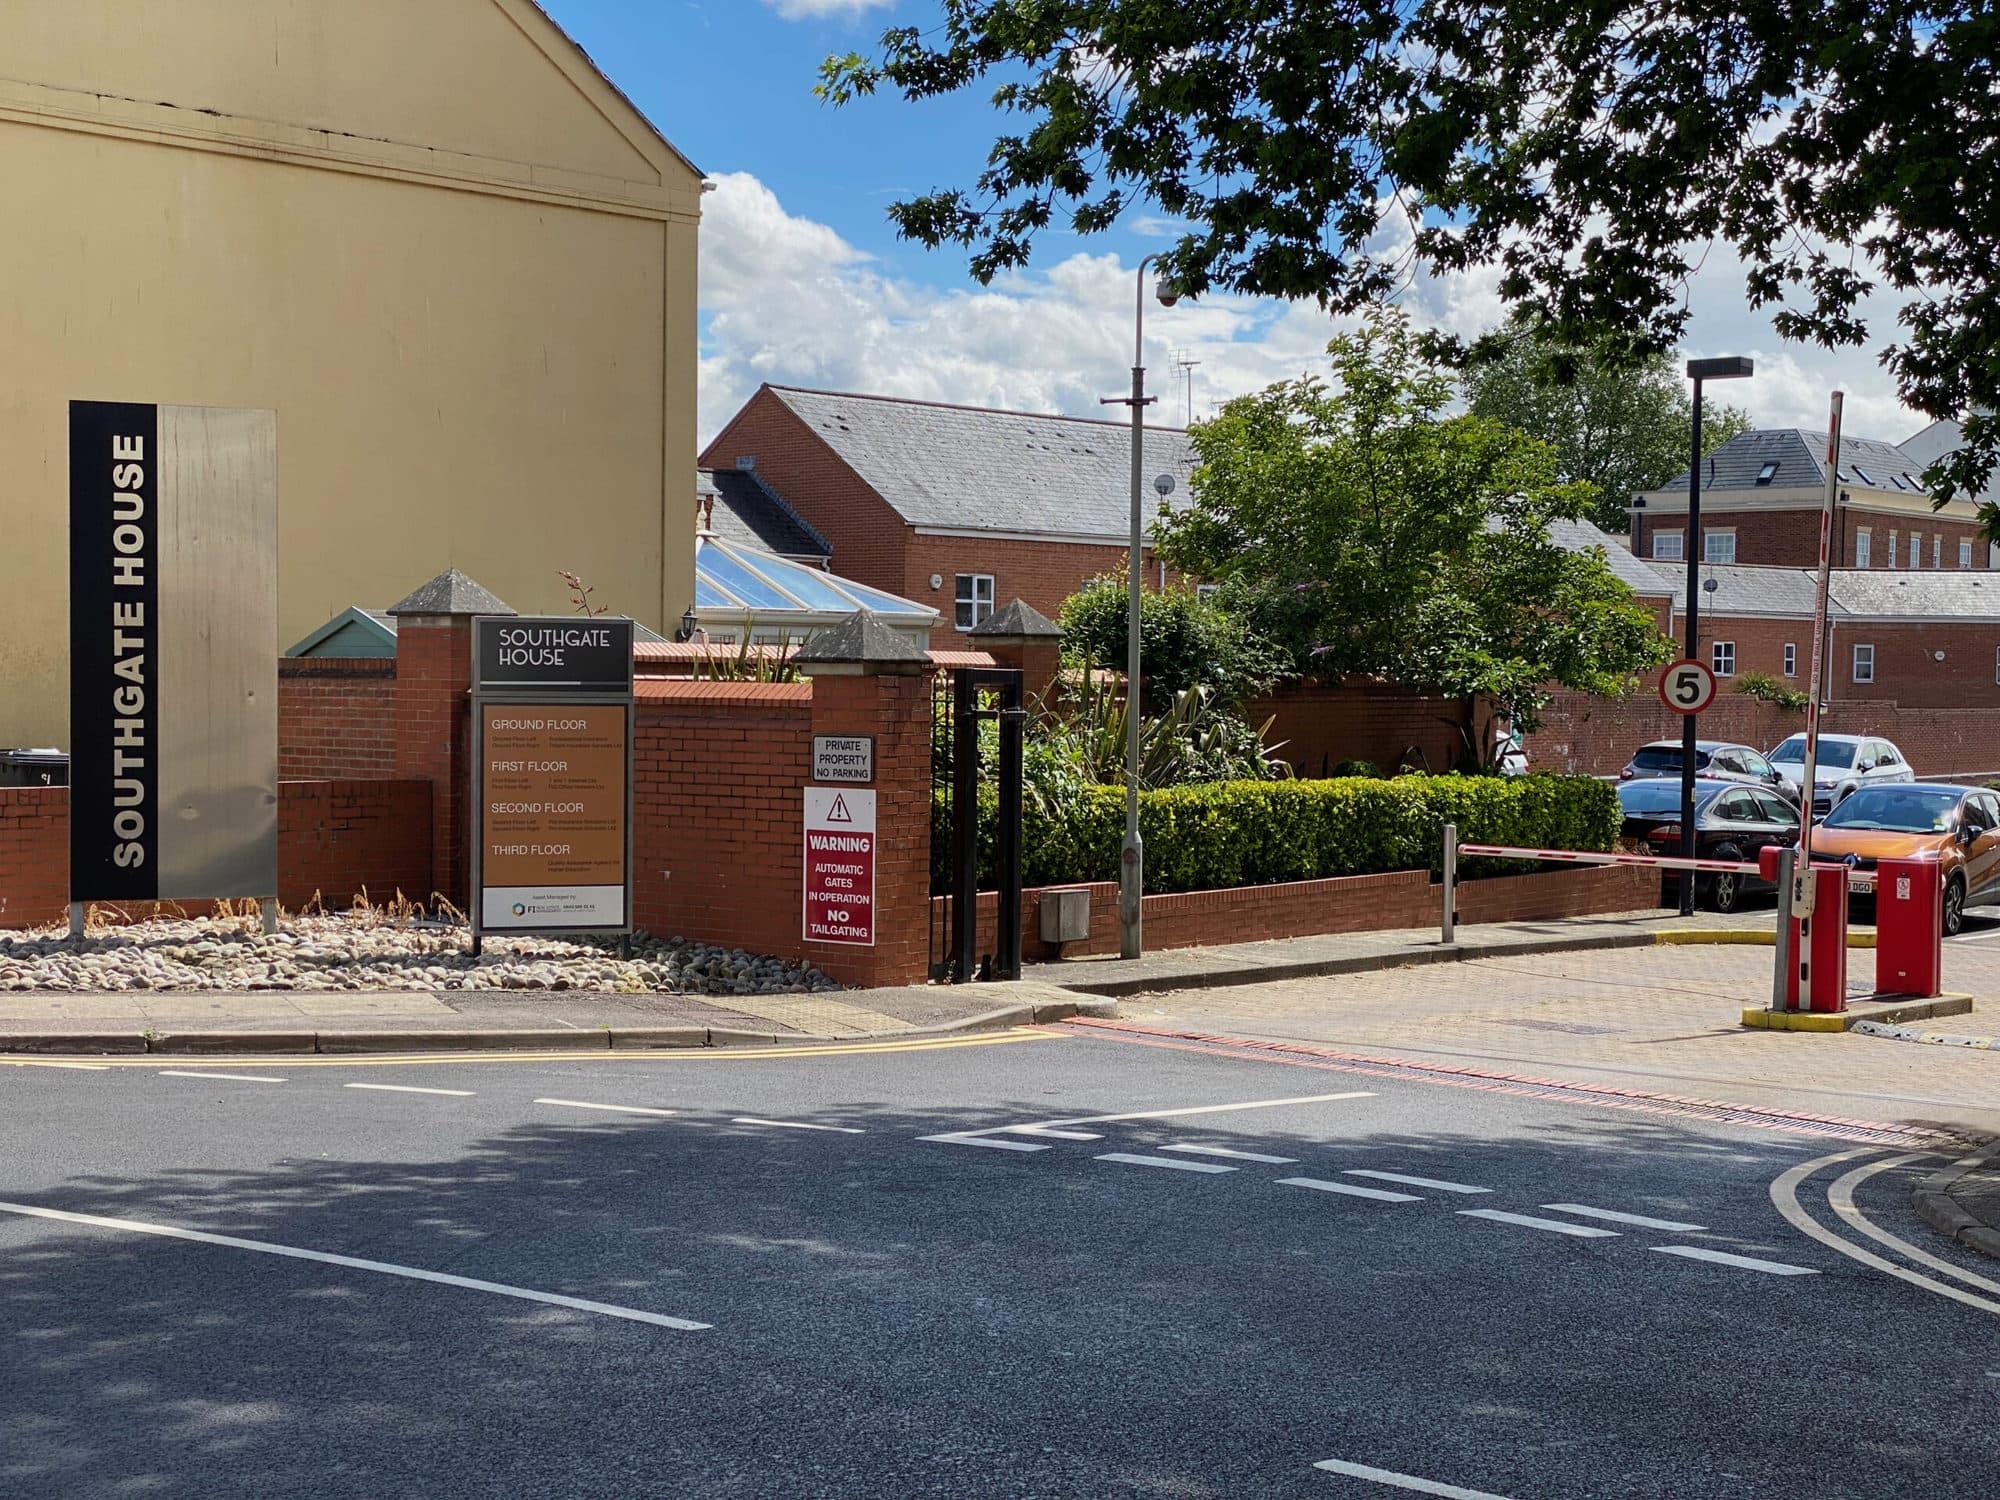 Southgate House car park entrance